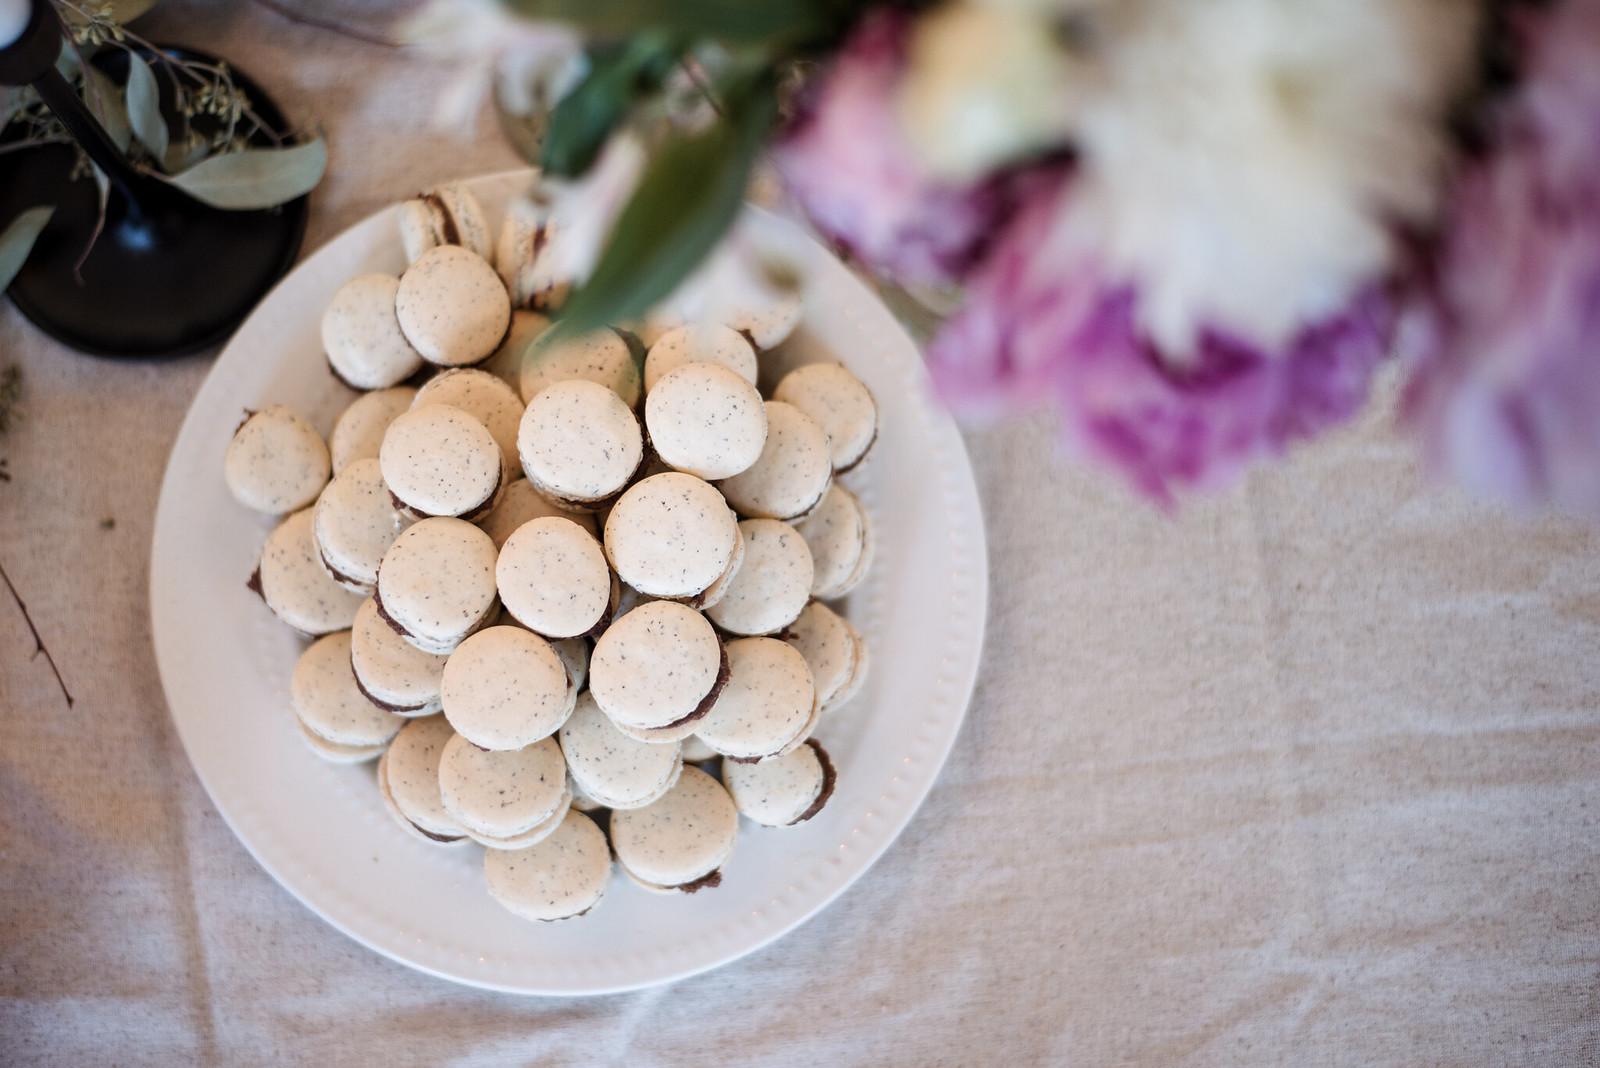 Earl Grey Macarons on juliettelaura.blogspot.com